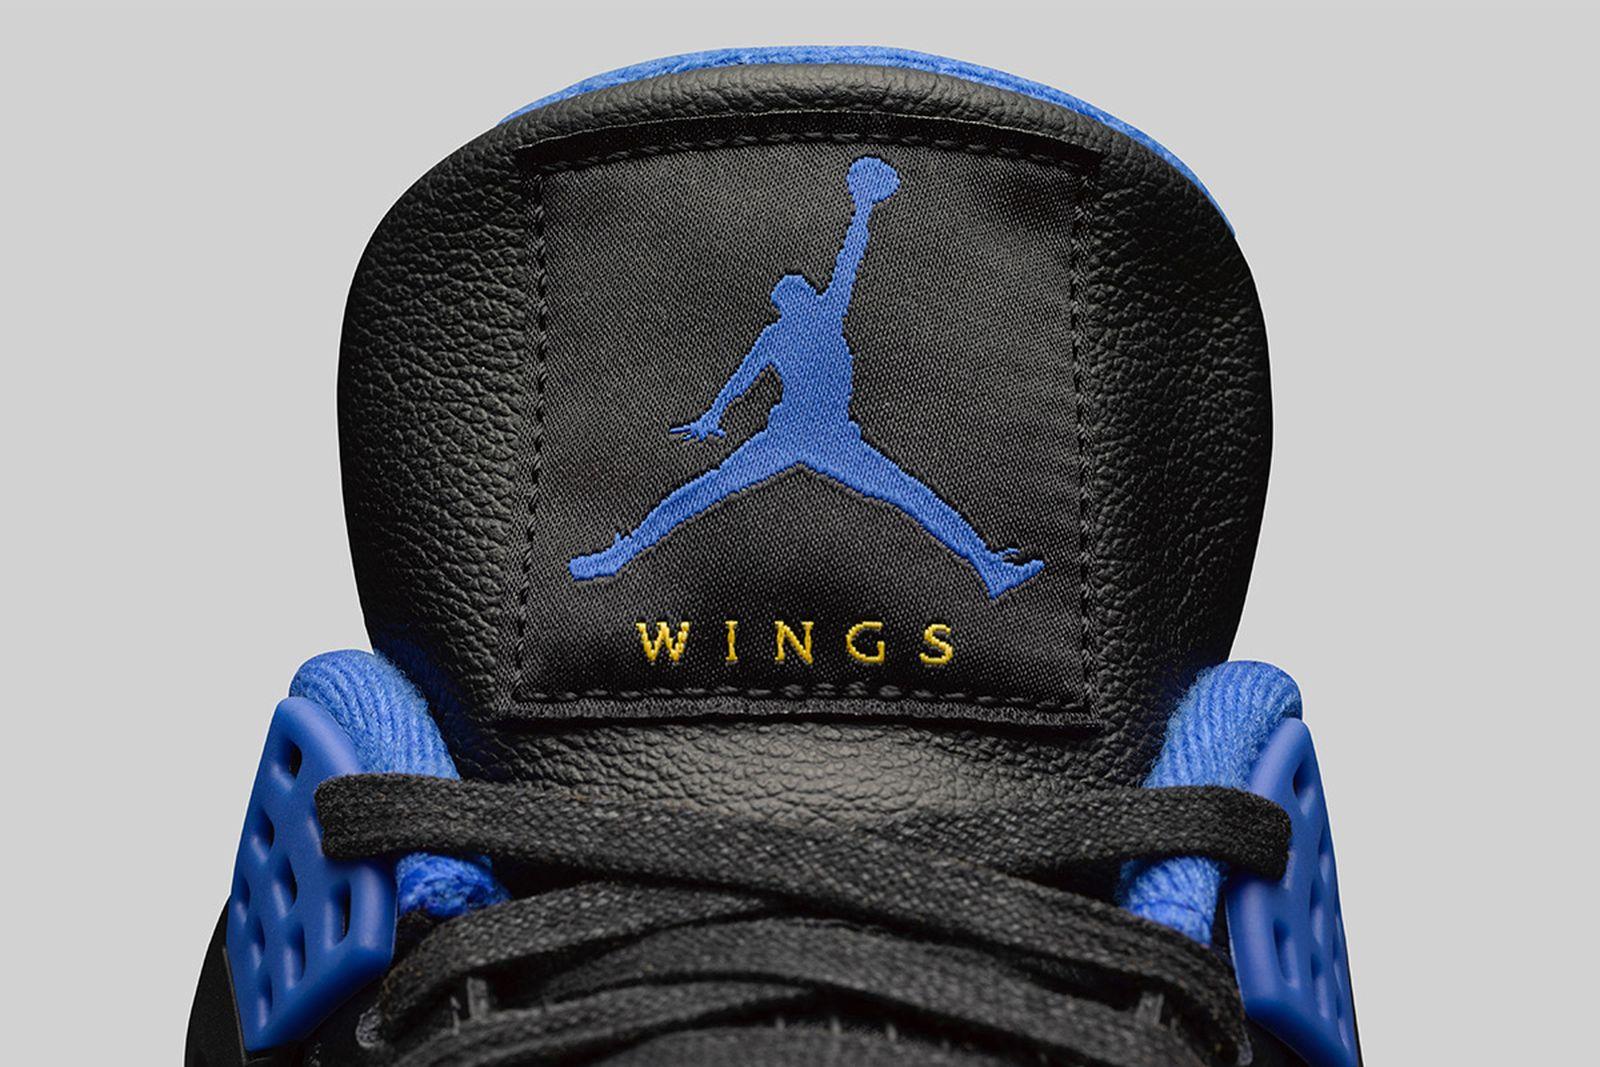 nike air jordan 4 wings closer look James Whitner jordan brand social status